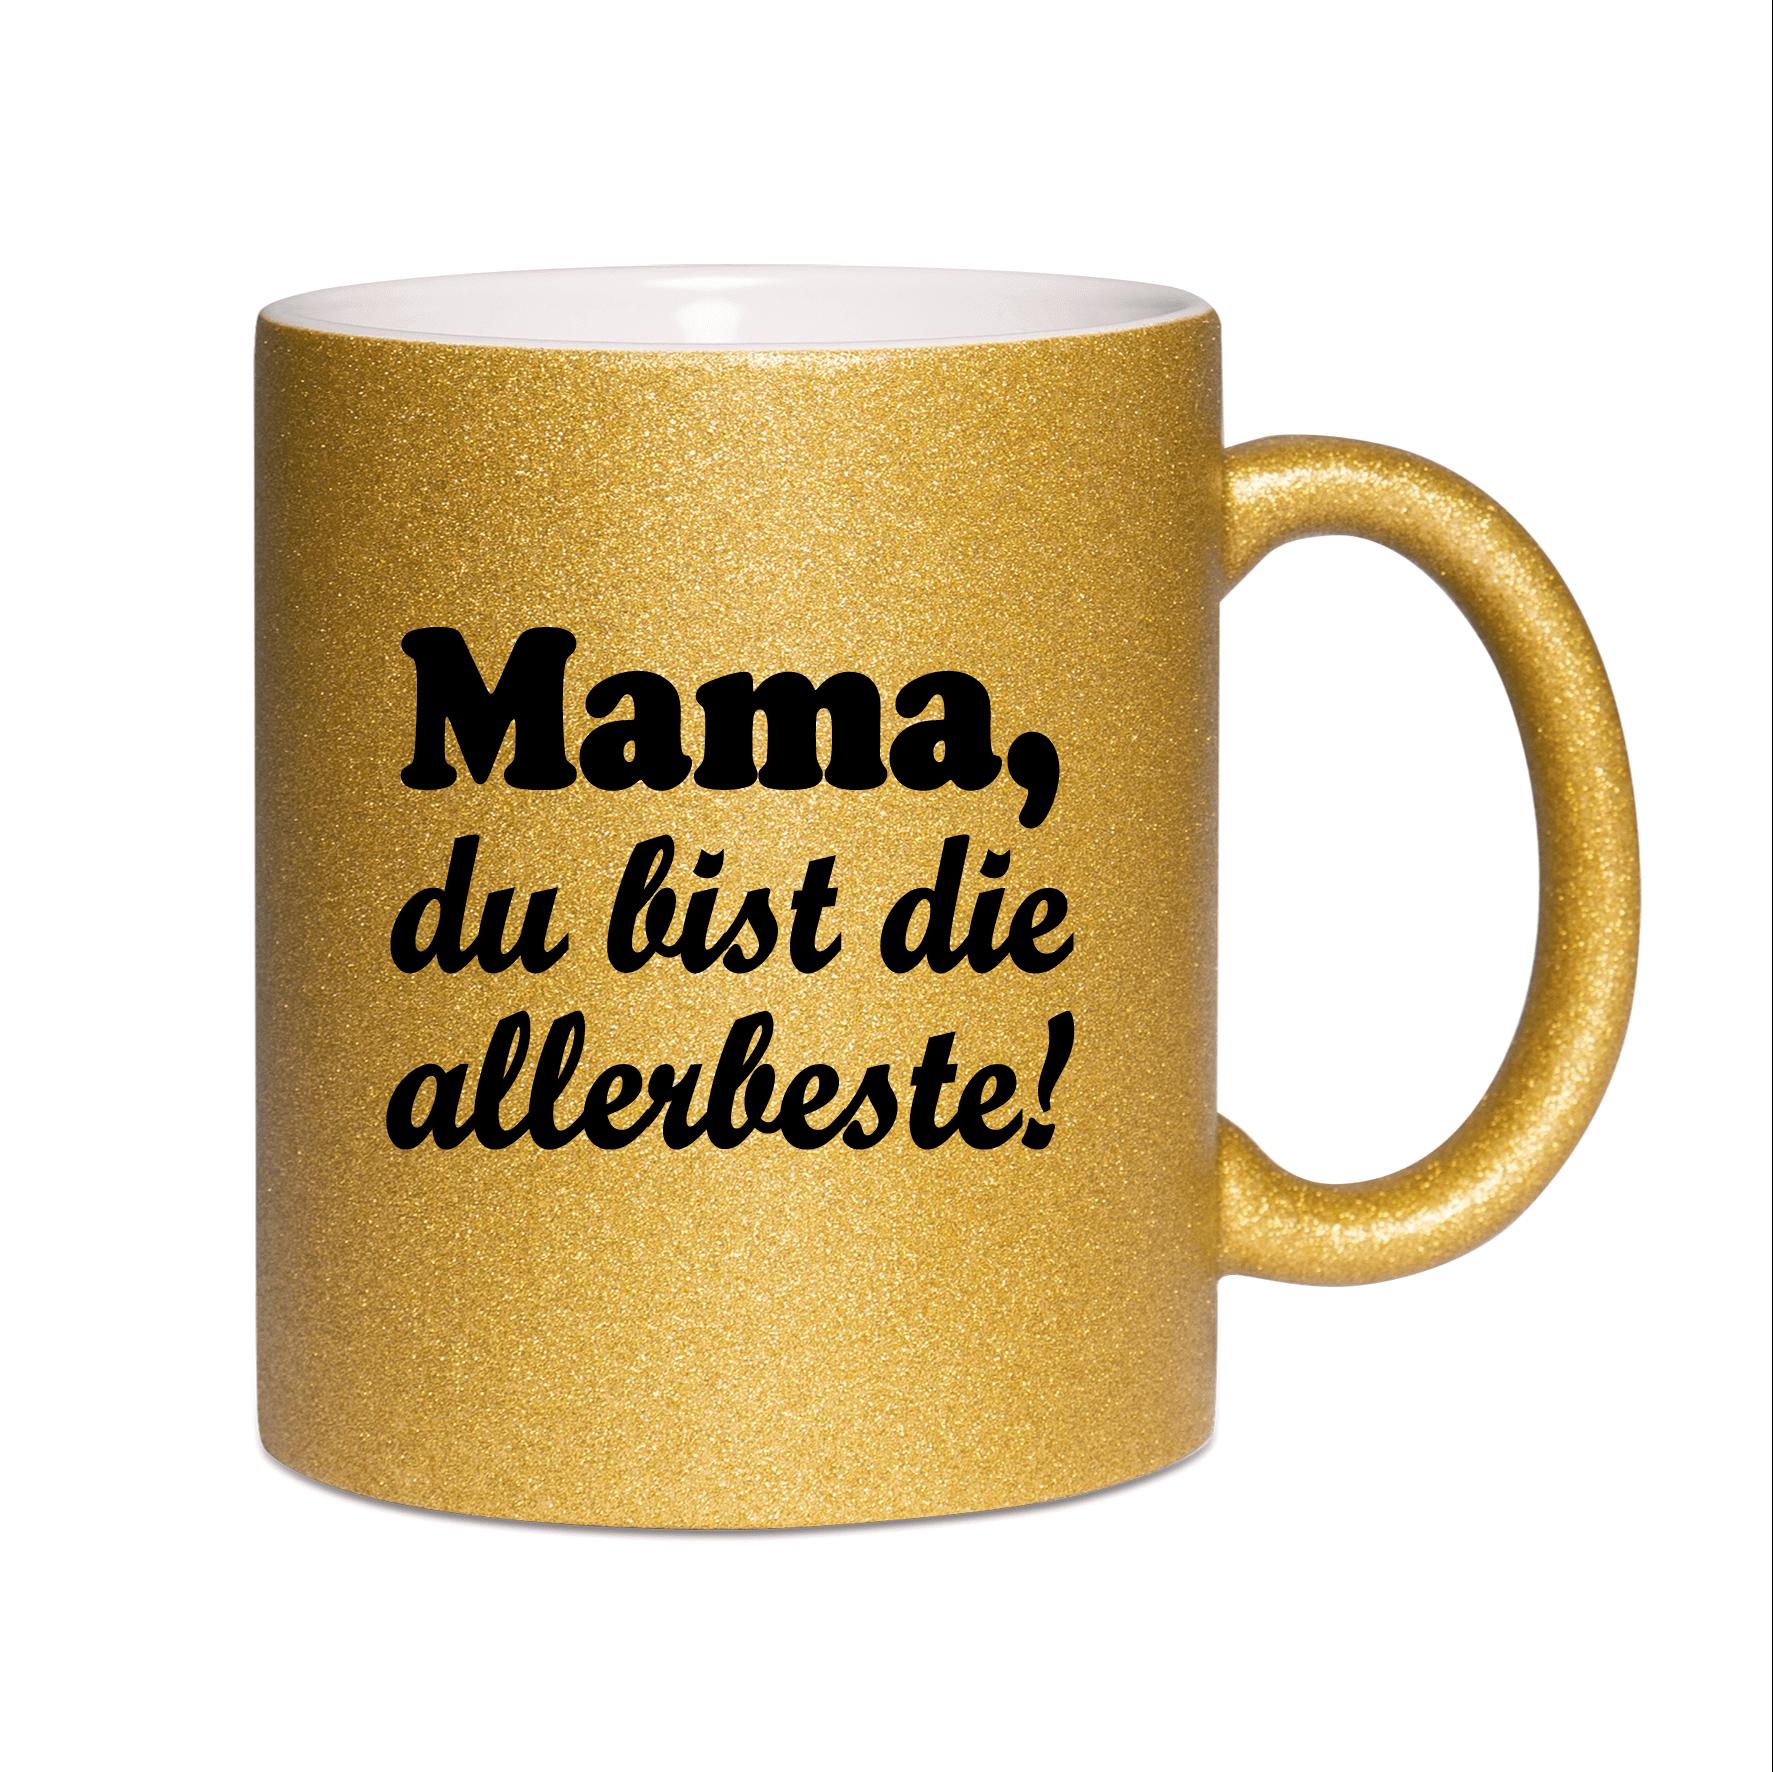 Mama, du bist die allerbeste